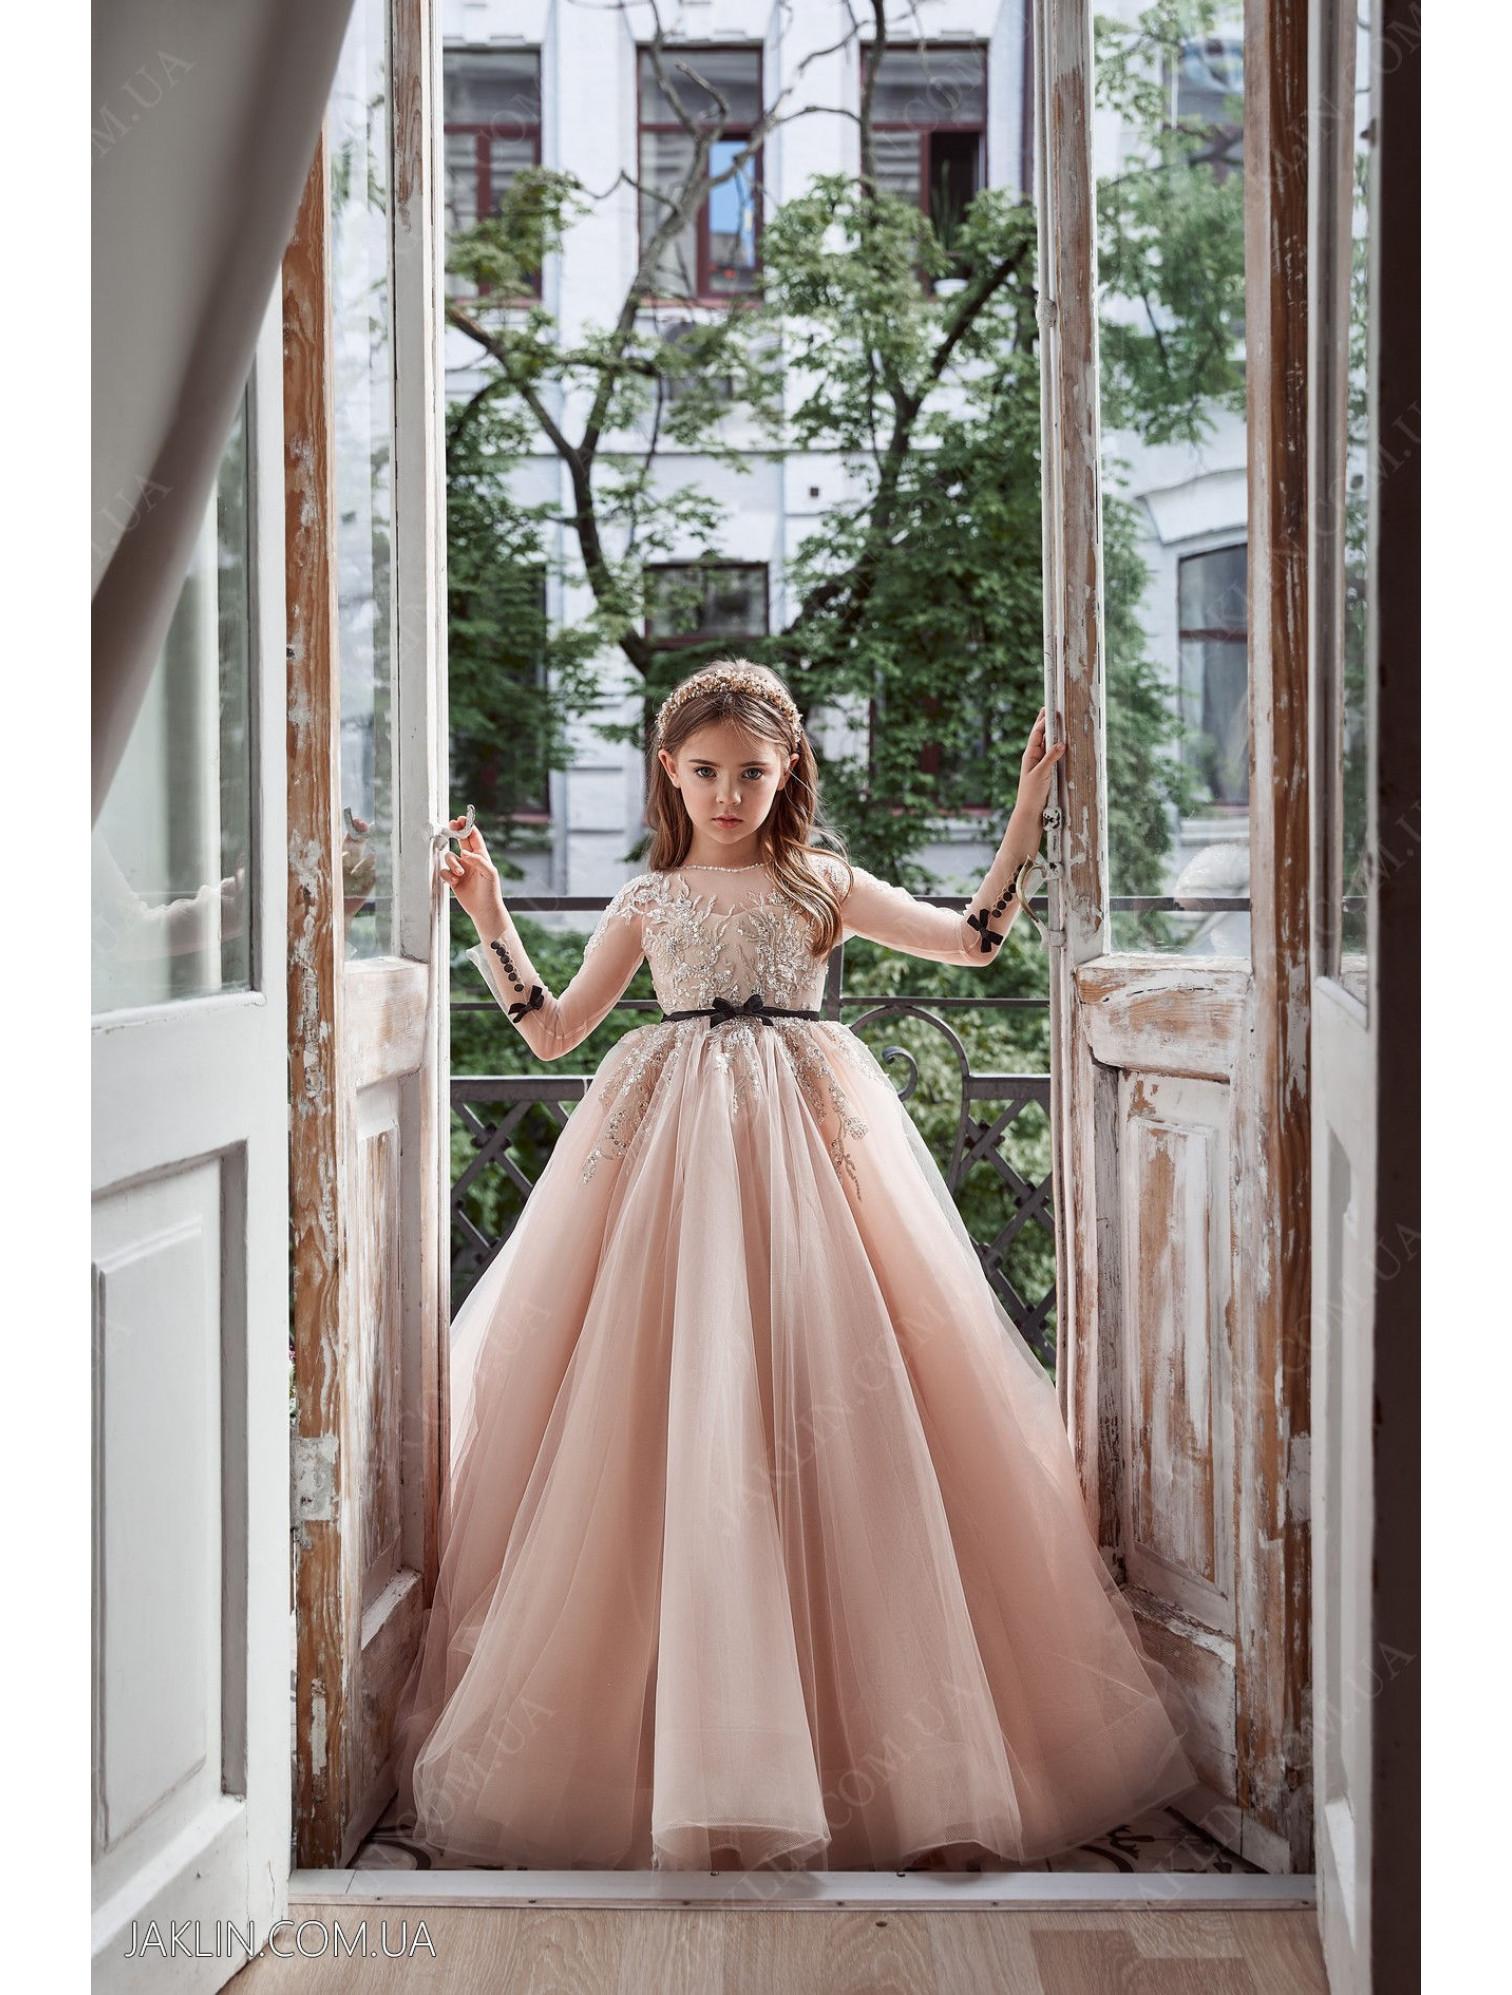 Дитяча сукня 3121